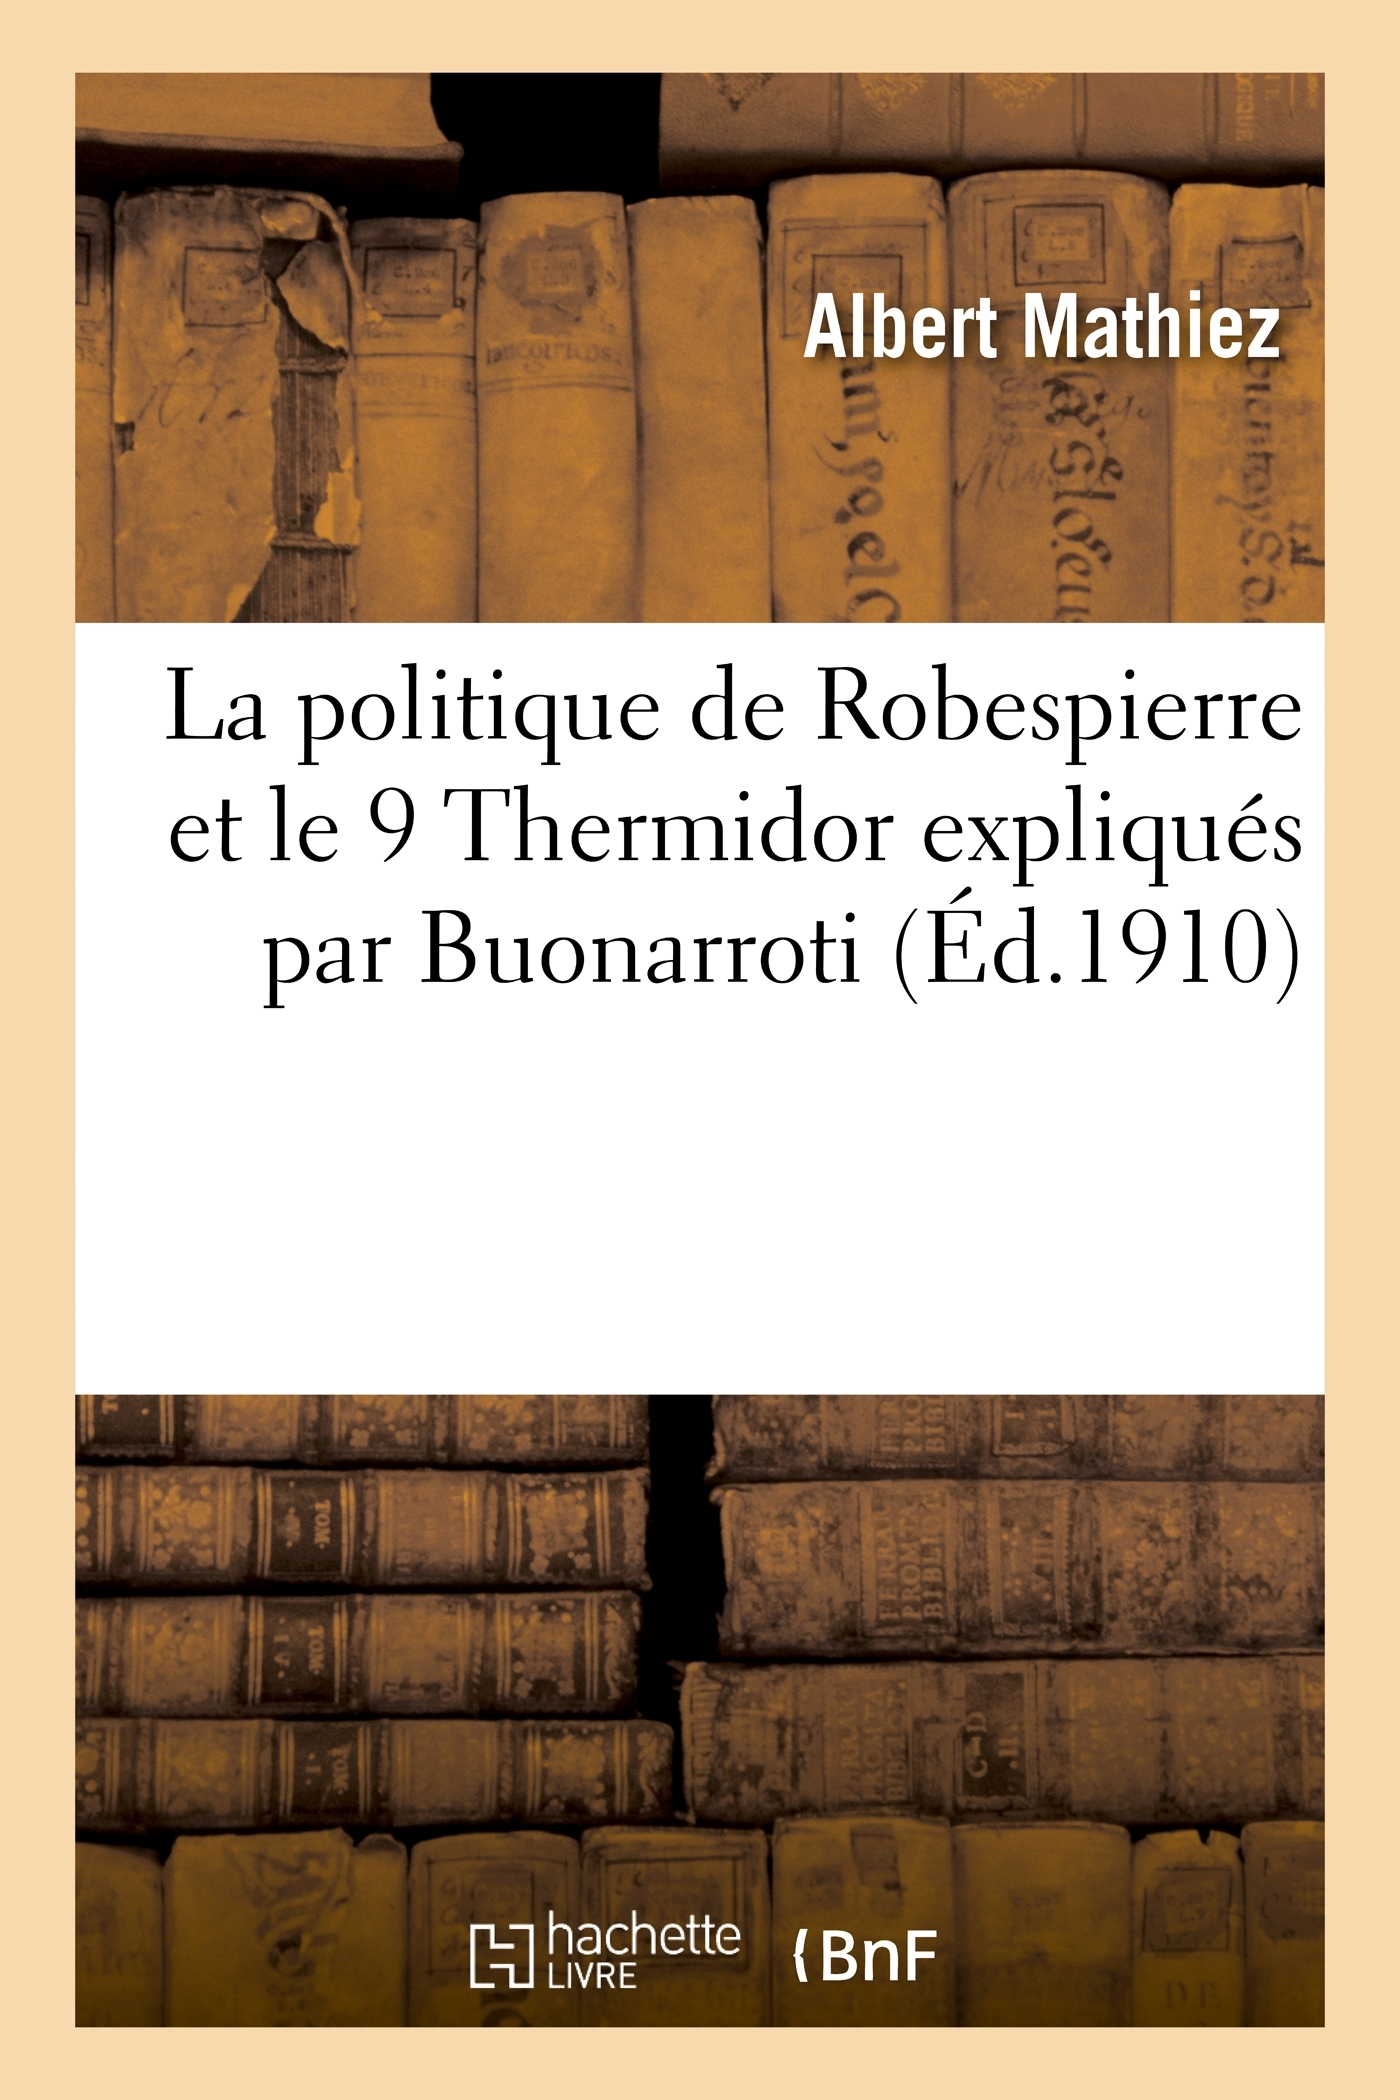 LA POLITIQUE DE ROBESPIERRE ET LE 9 THERMIDOR EXPLIQUES PAR BUONARROTI